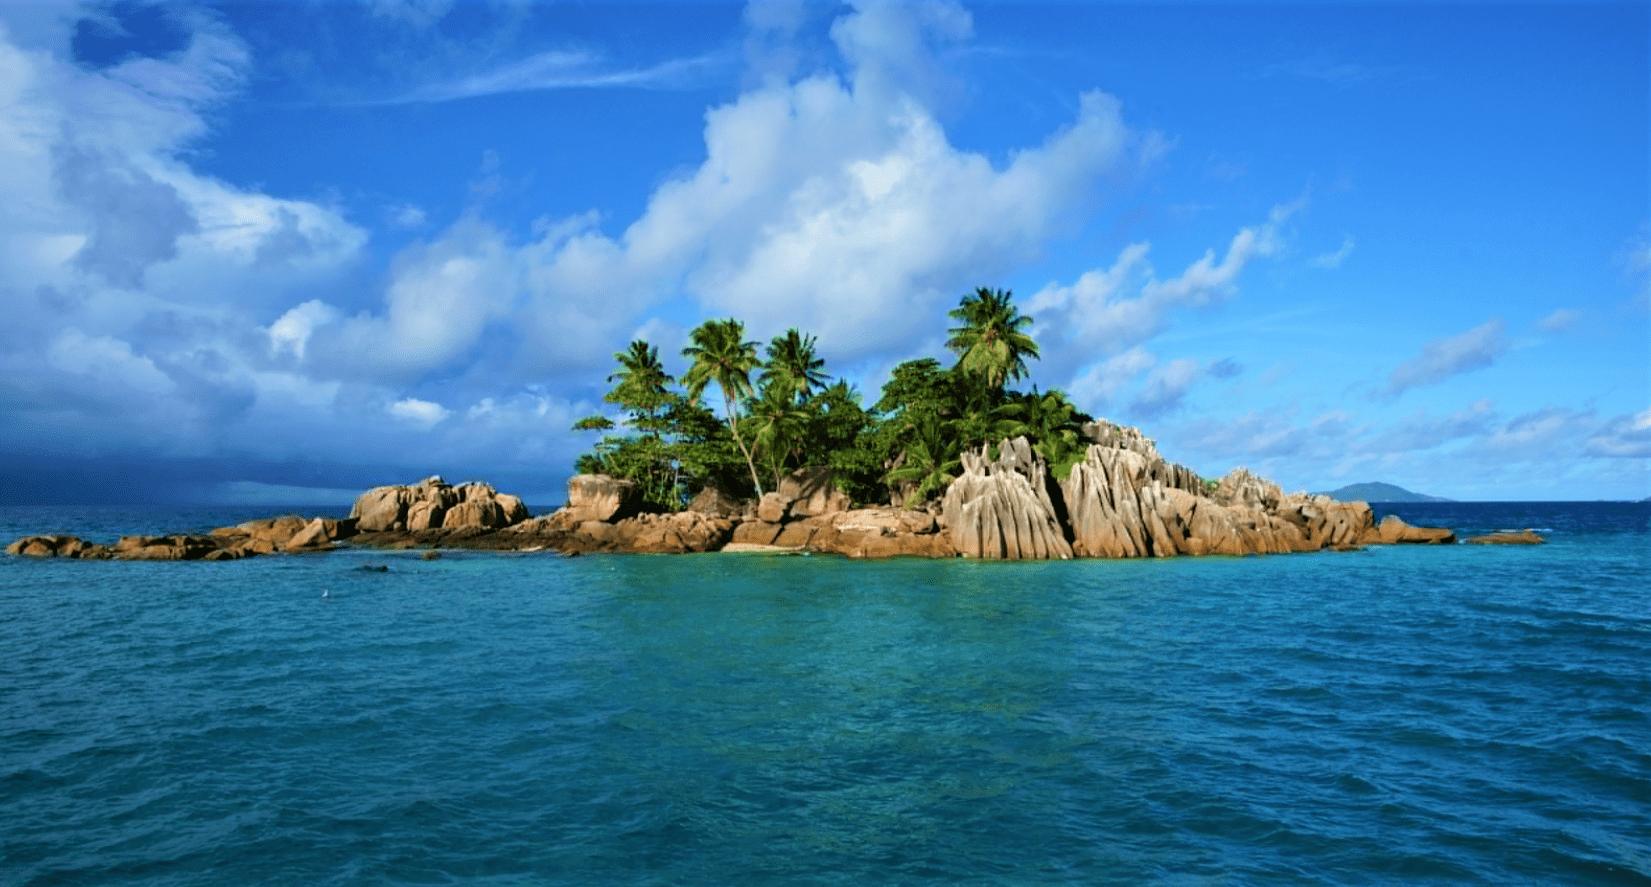 Hut-bay-Island-min.png